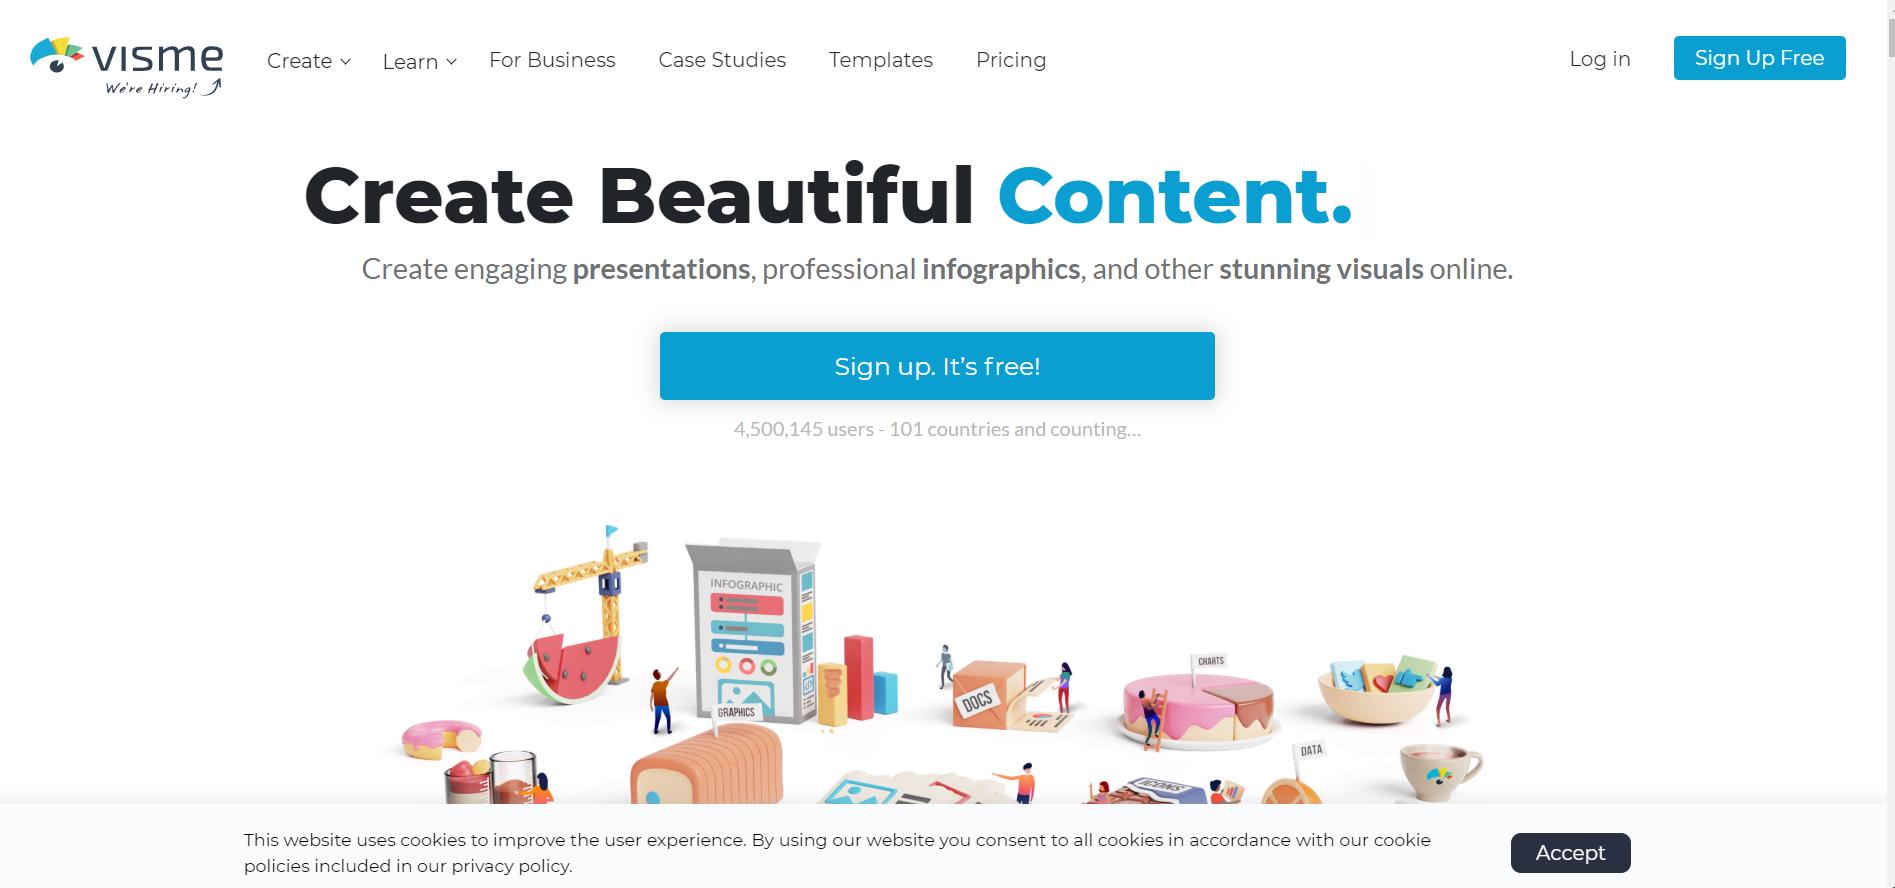 visme- Comment lancer un blog en 2021 ? Version mise à jour